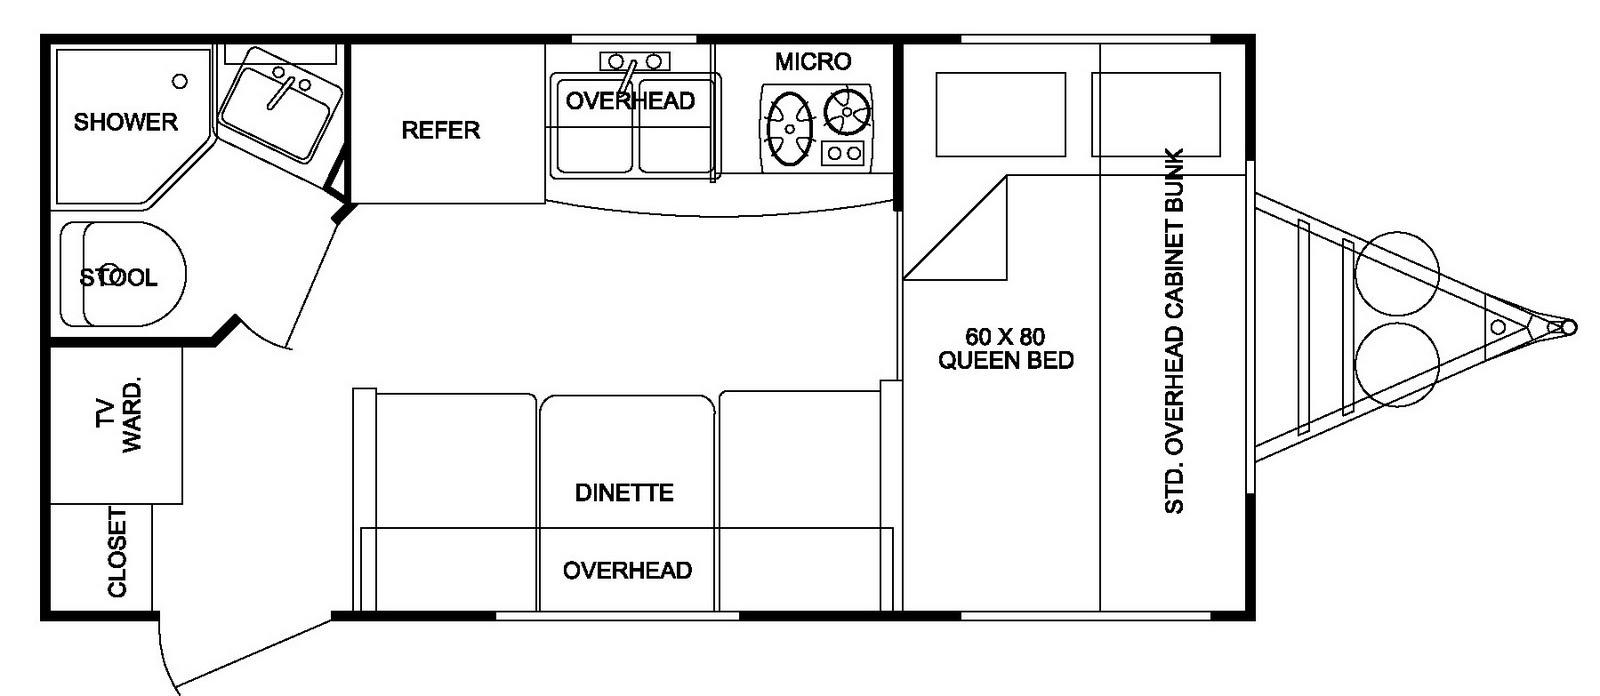 2007 fun finder for sale floor plan for Home plan finder